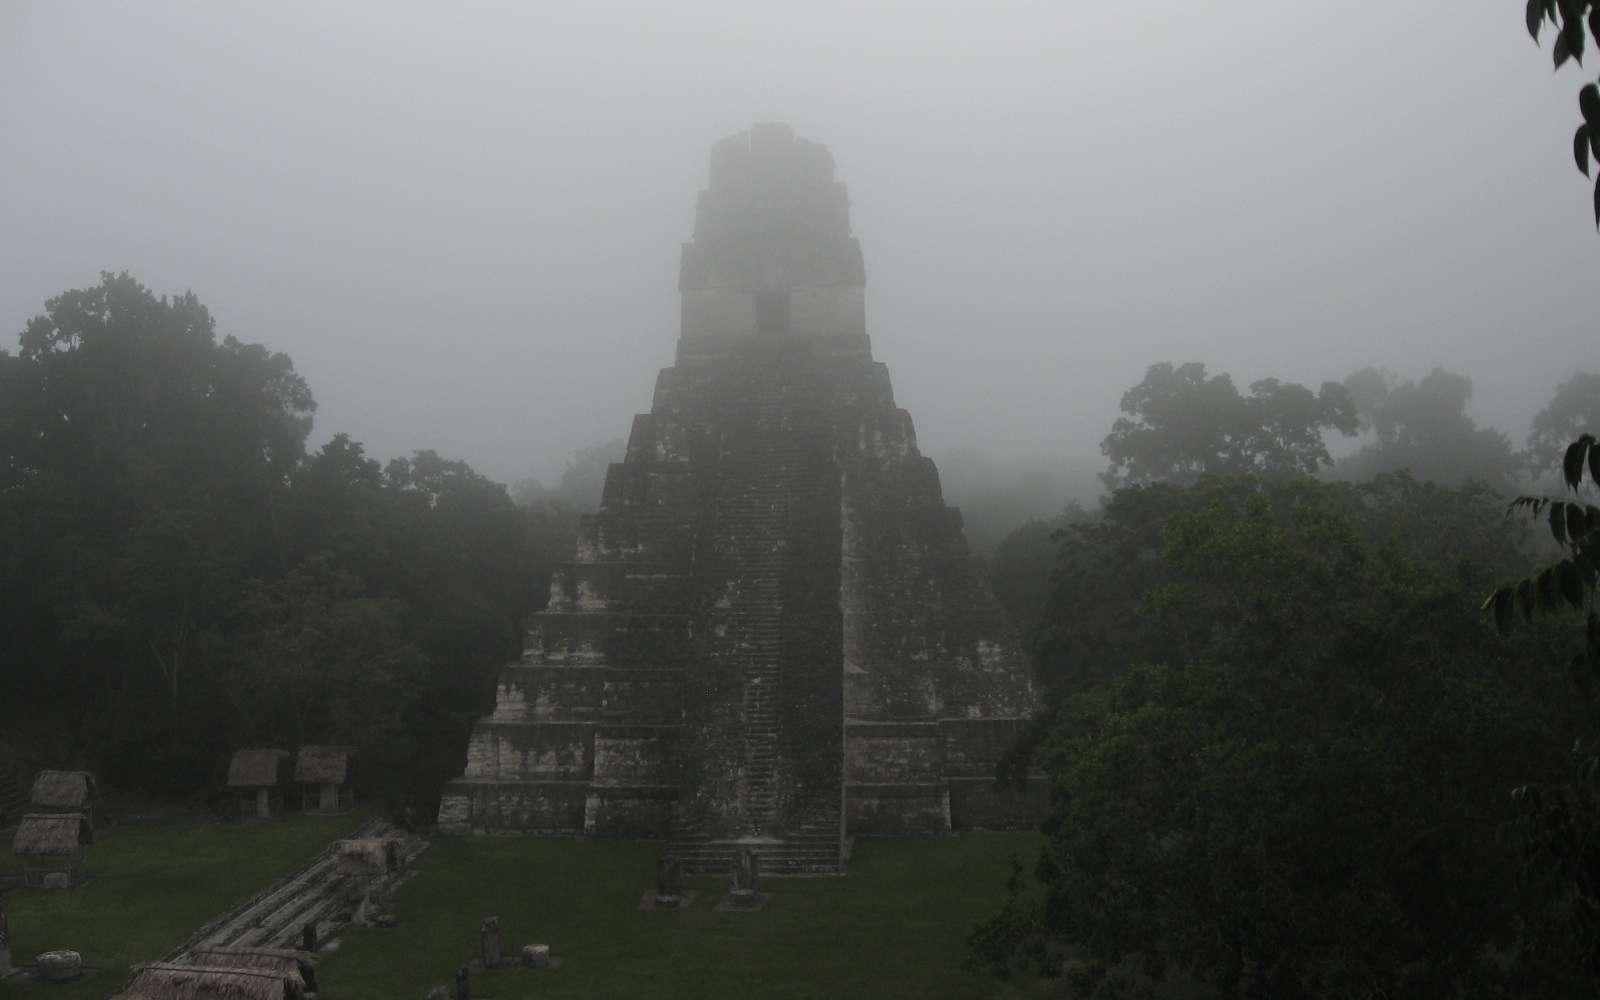 Un temple de la cité de Tikal située au Guatemala, qui fut une ville maya les plus importantes. © Science, AAAS